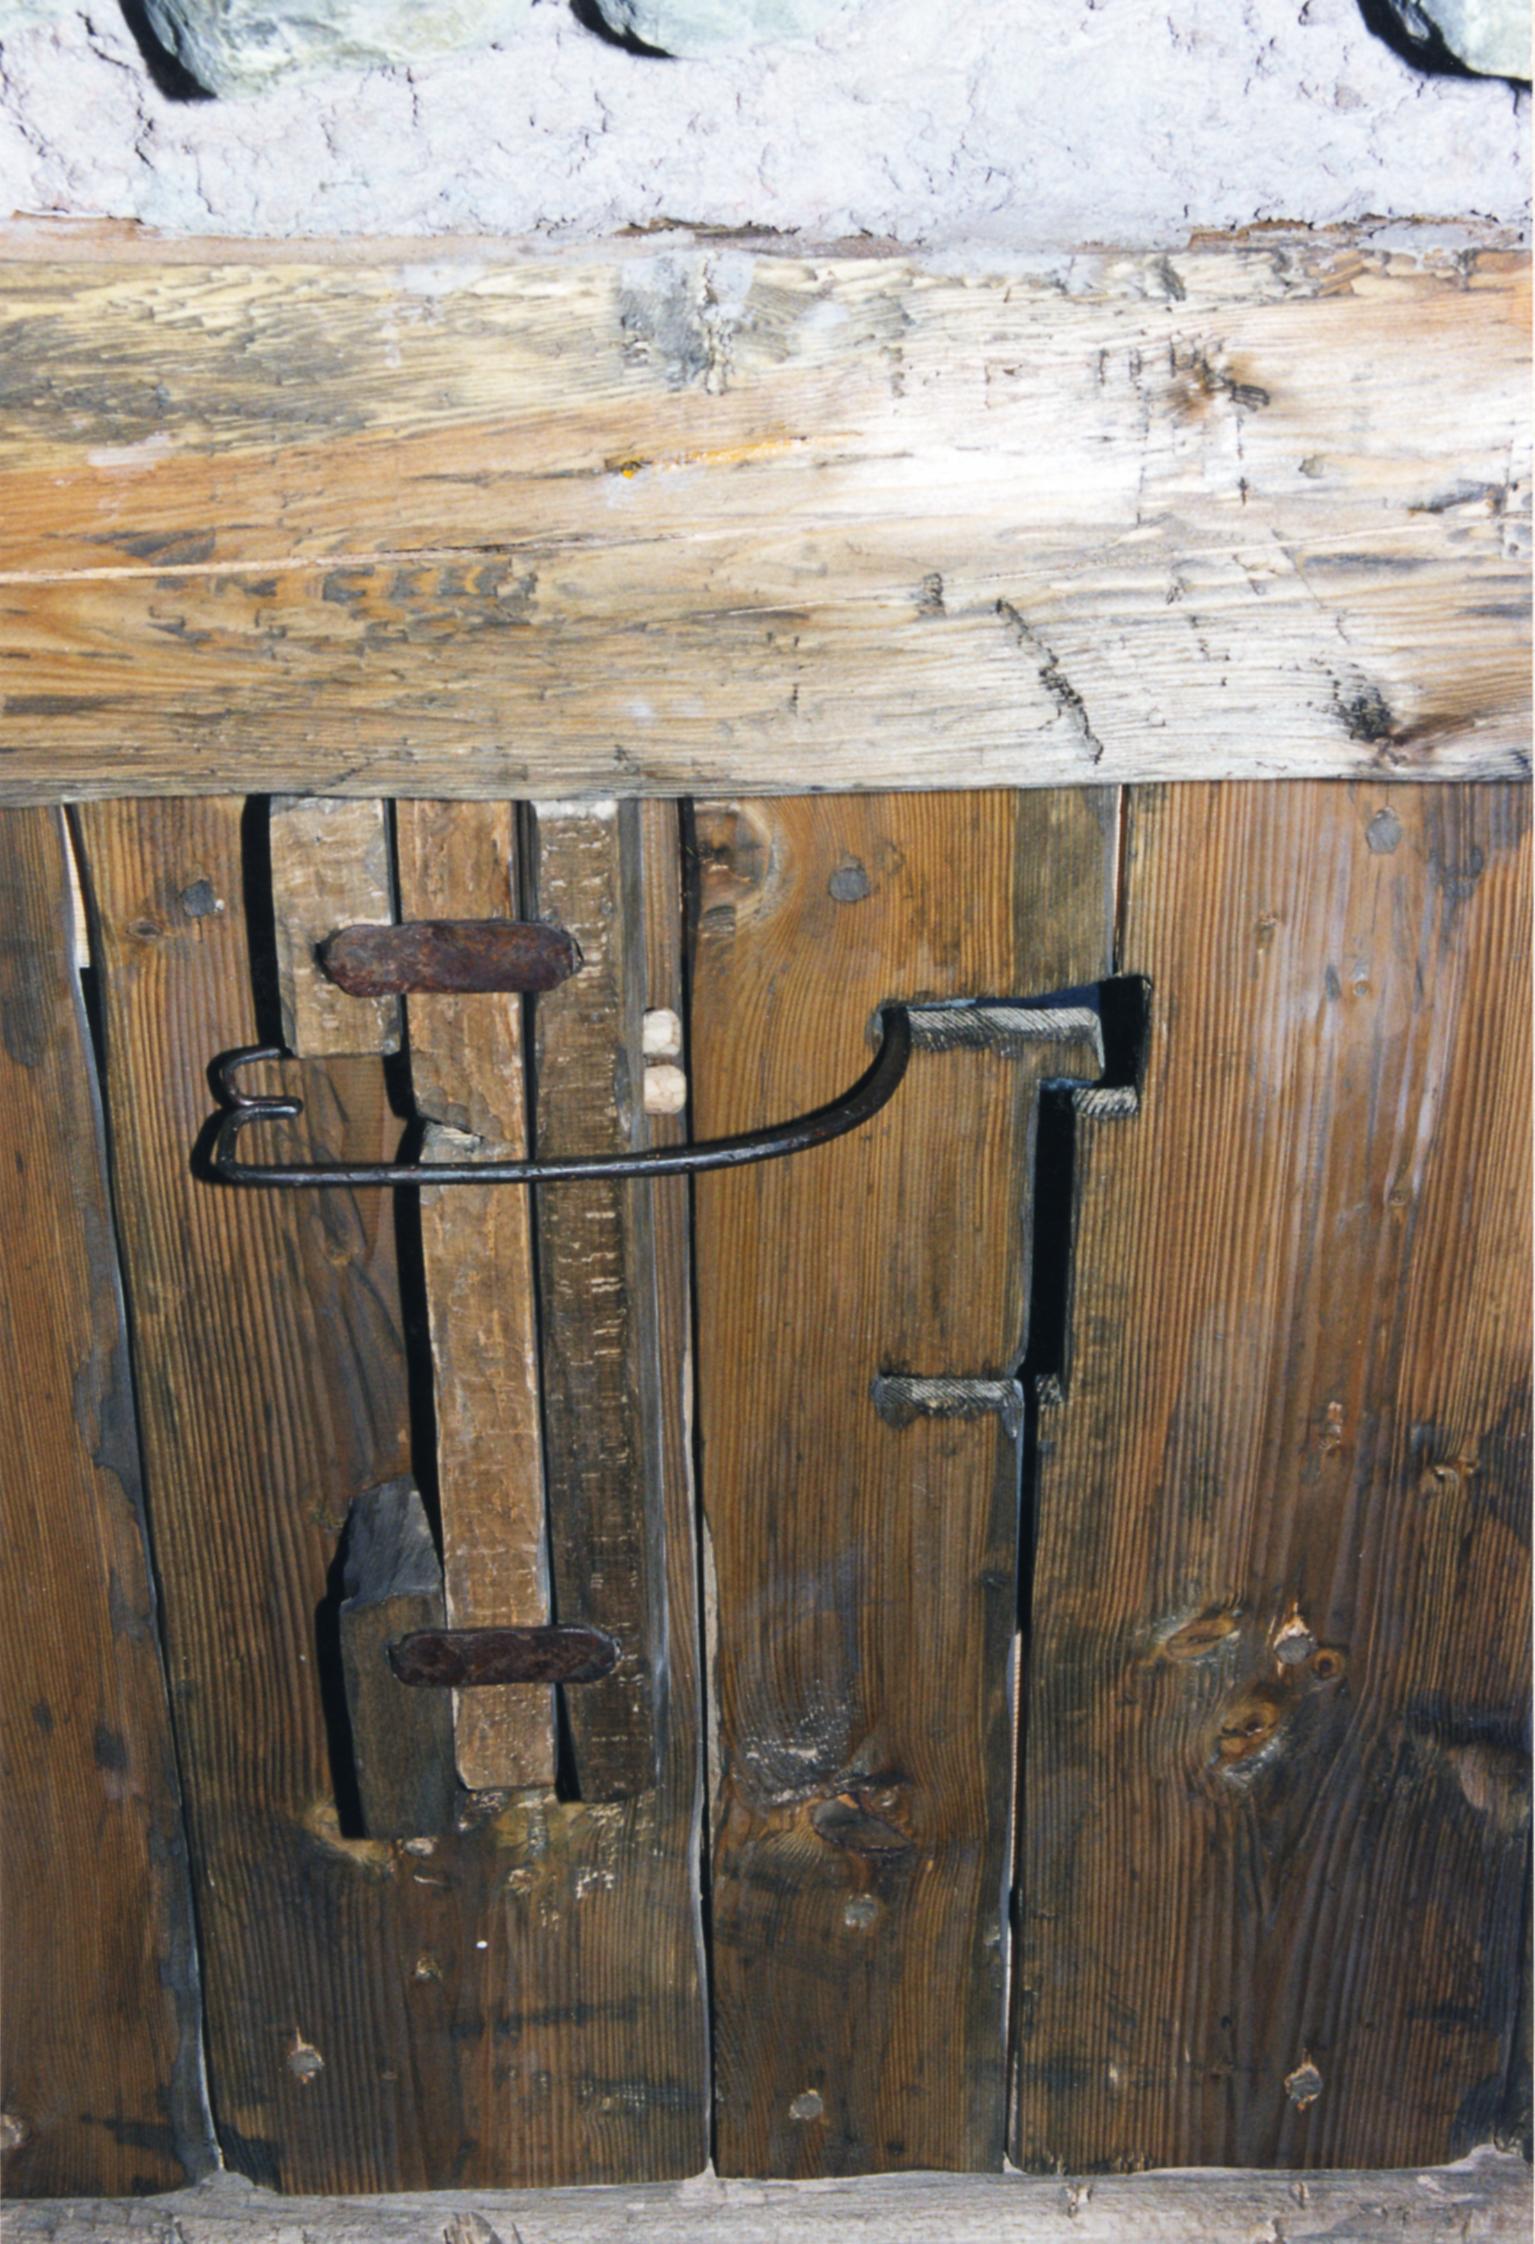 1997 - Ricostruzione attrezzi antichi del museo archeologico di Bolzano